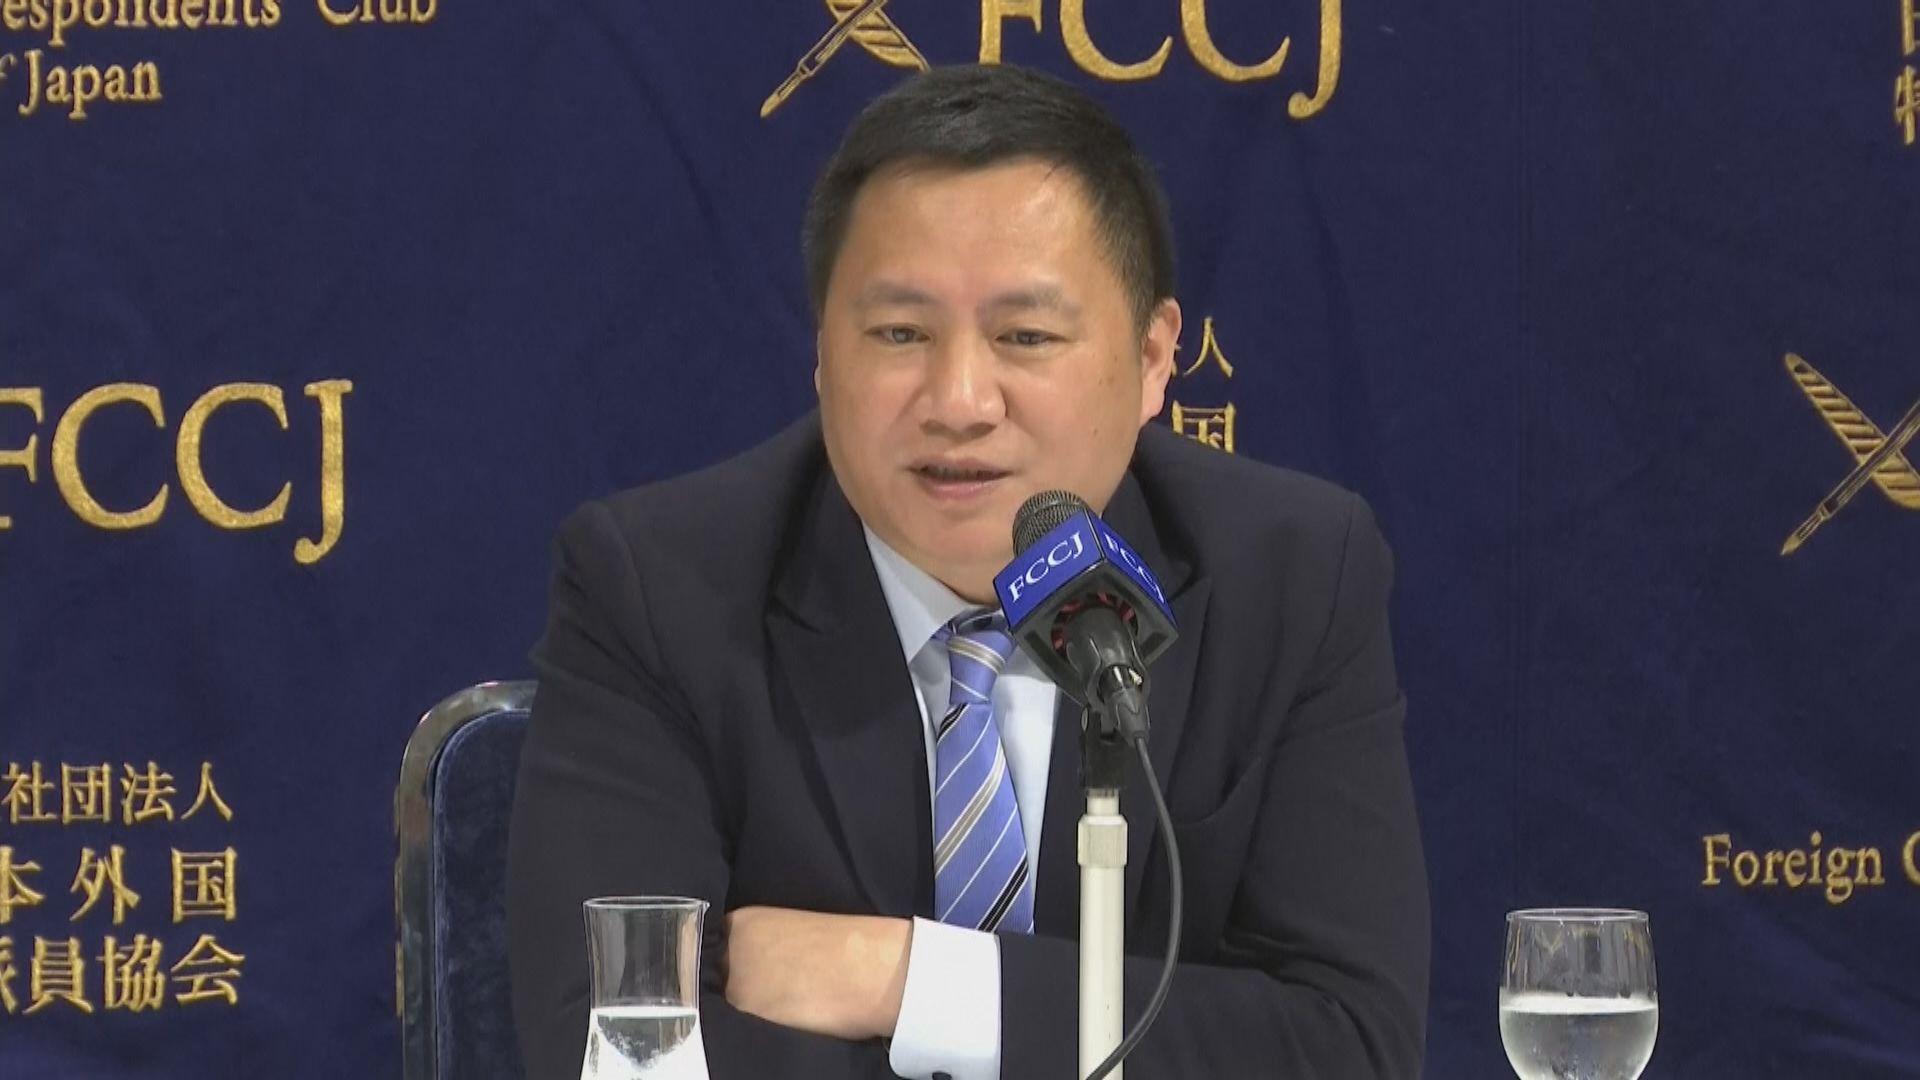 王丹:應在人權問題向中國施壓阻中共威脅全球自由民主